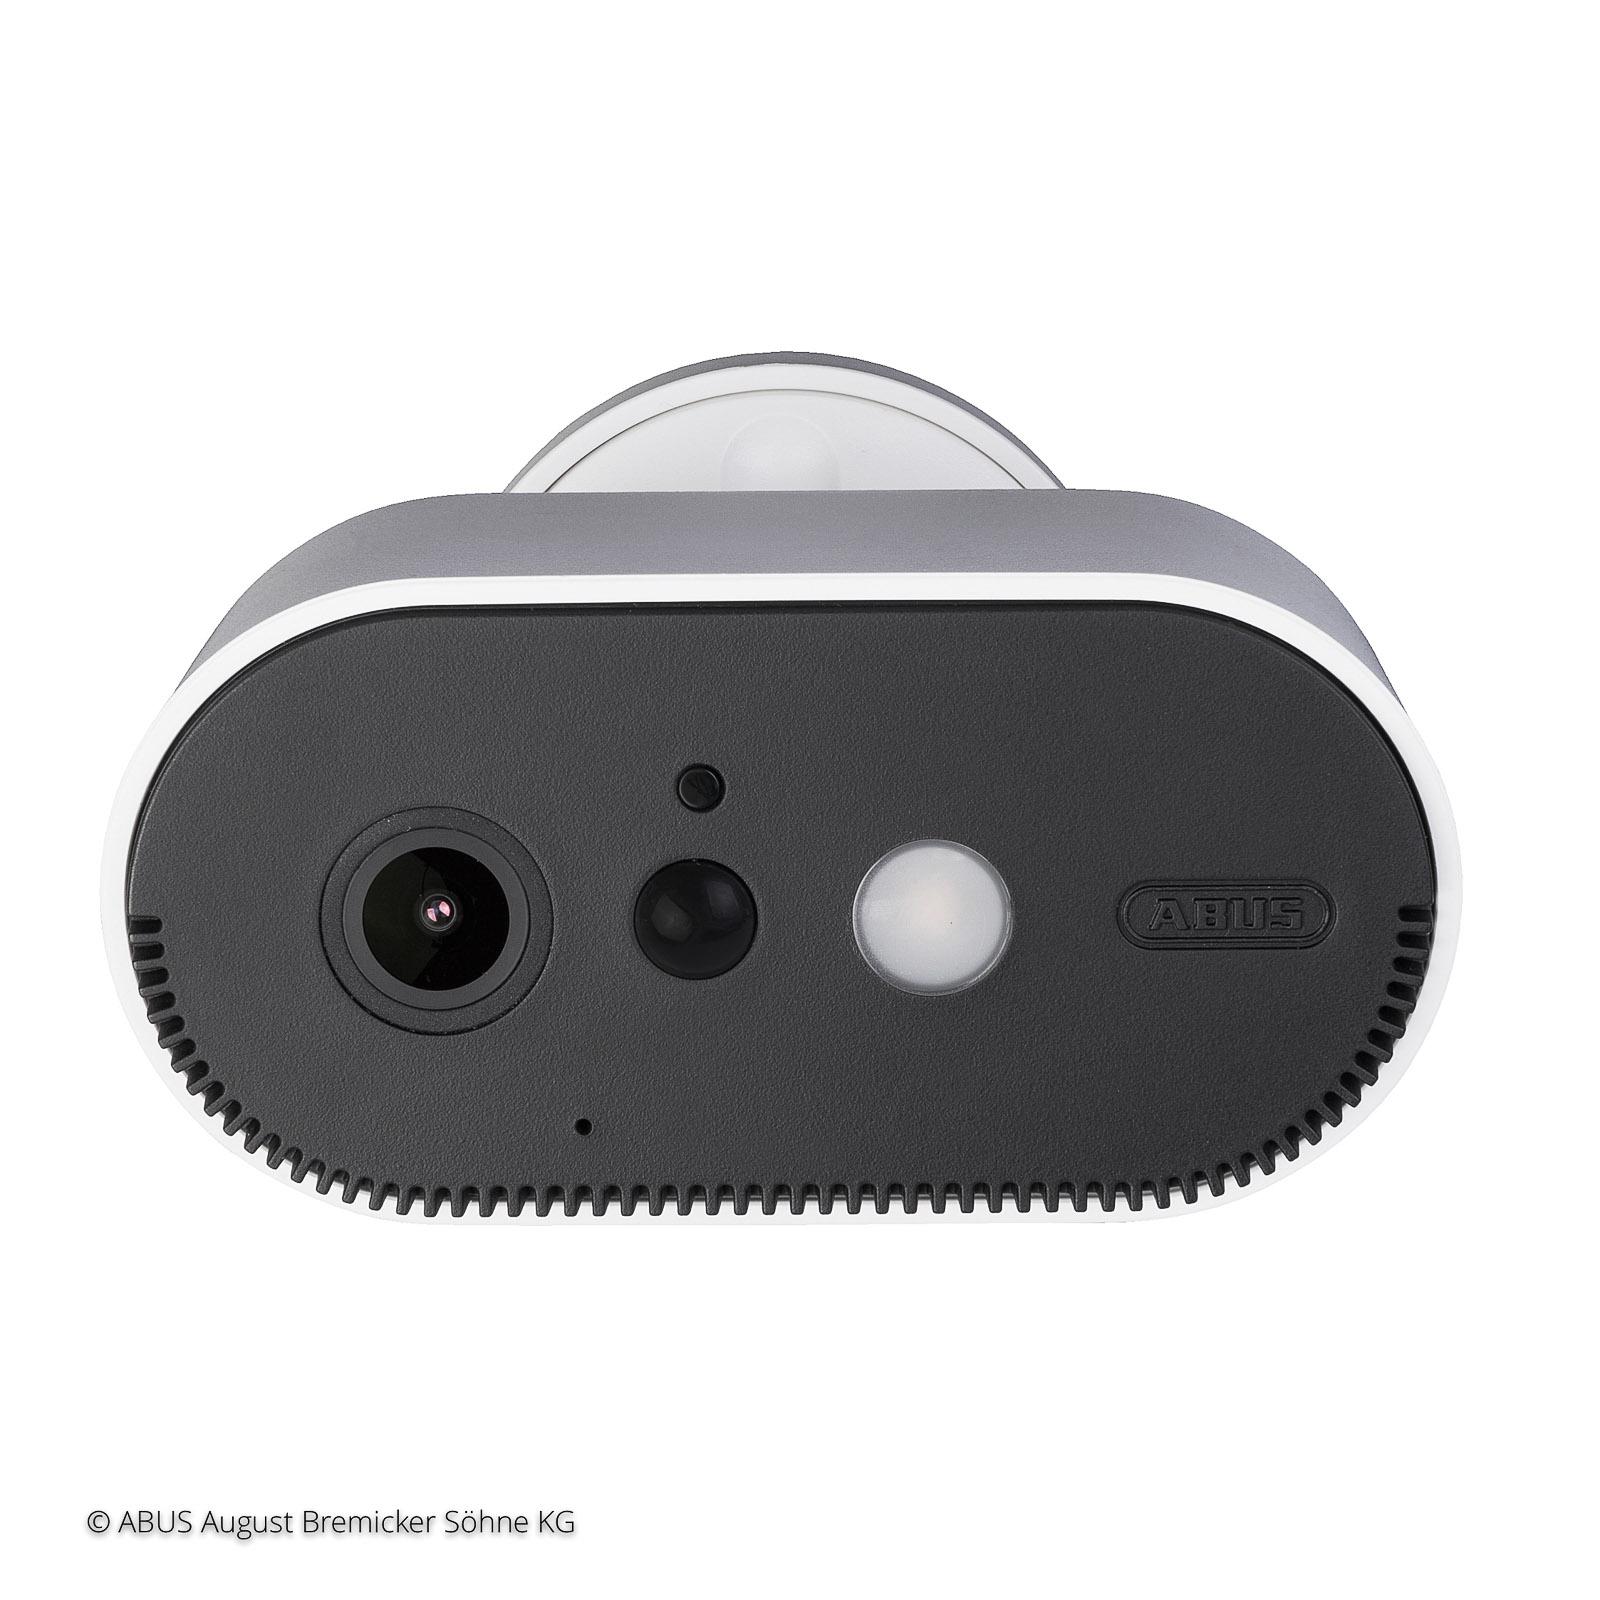 ABUS kamera monitoringu ze stacją bazową WLAN